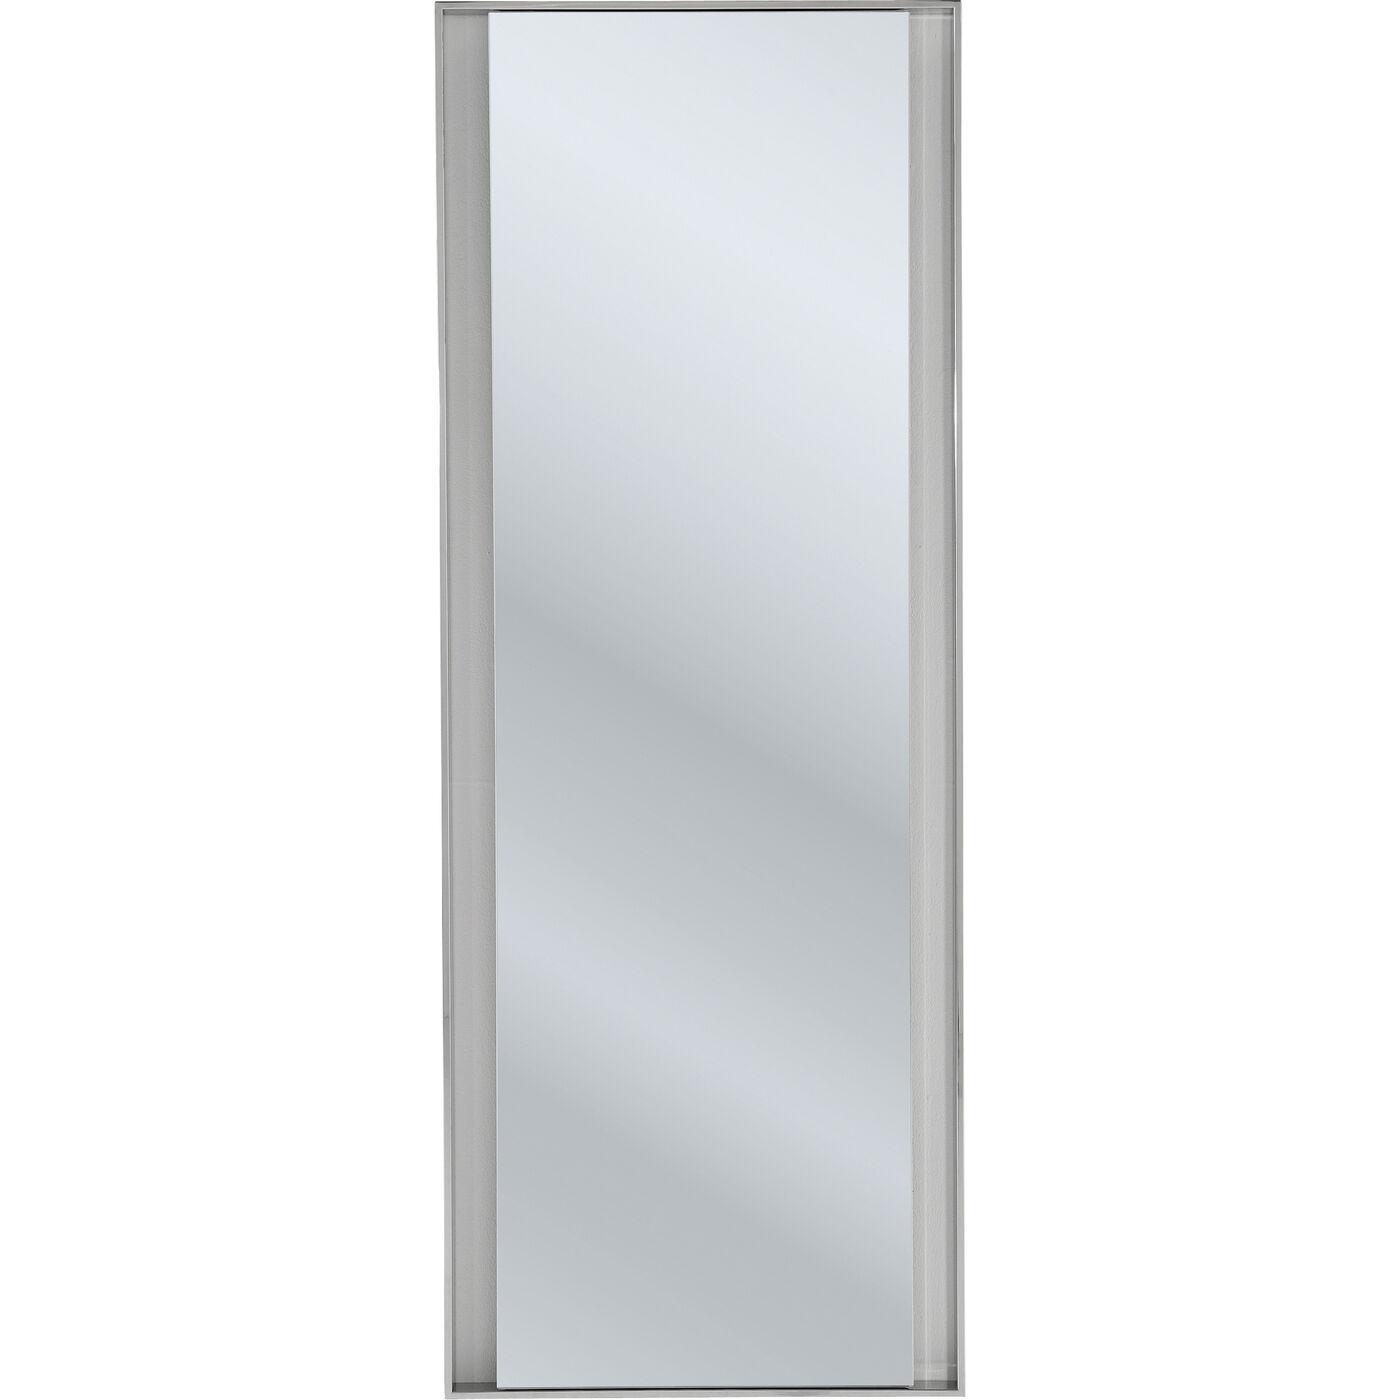 зеркало напольное Vanity коллекция тщеславие купить в